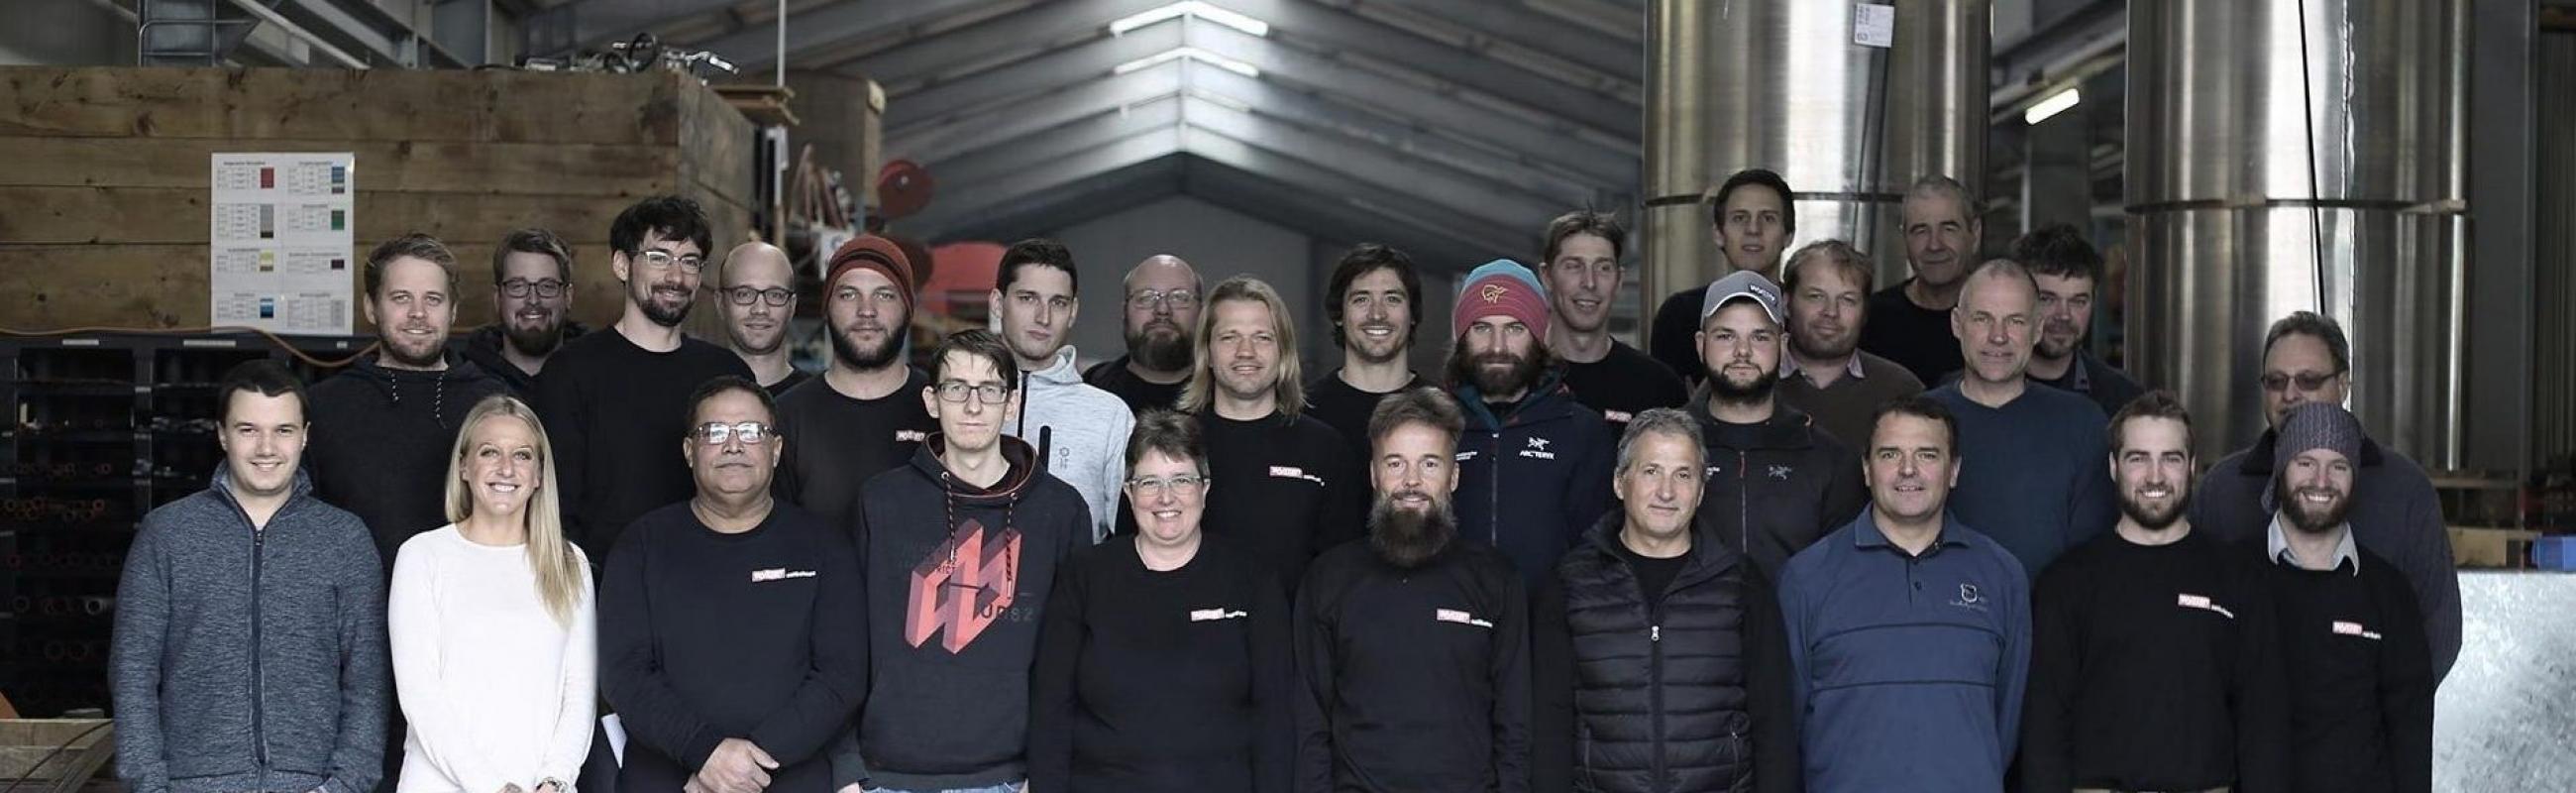 team-2019_hintergrund